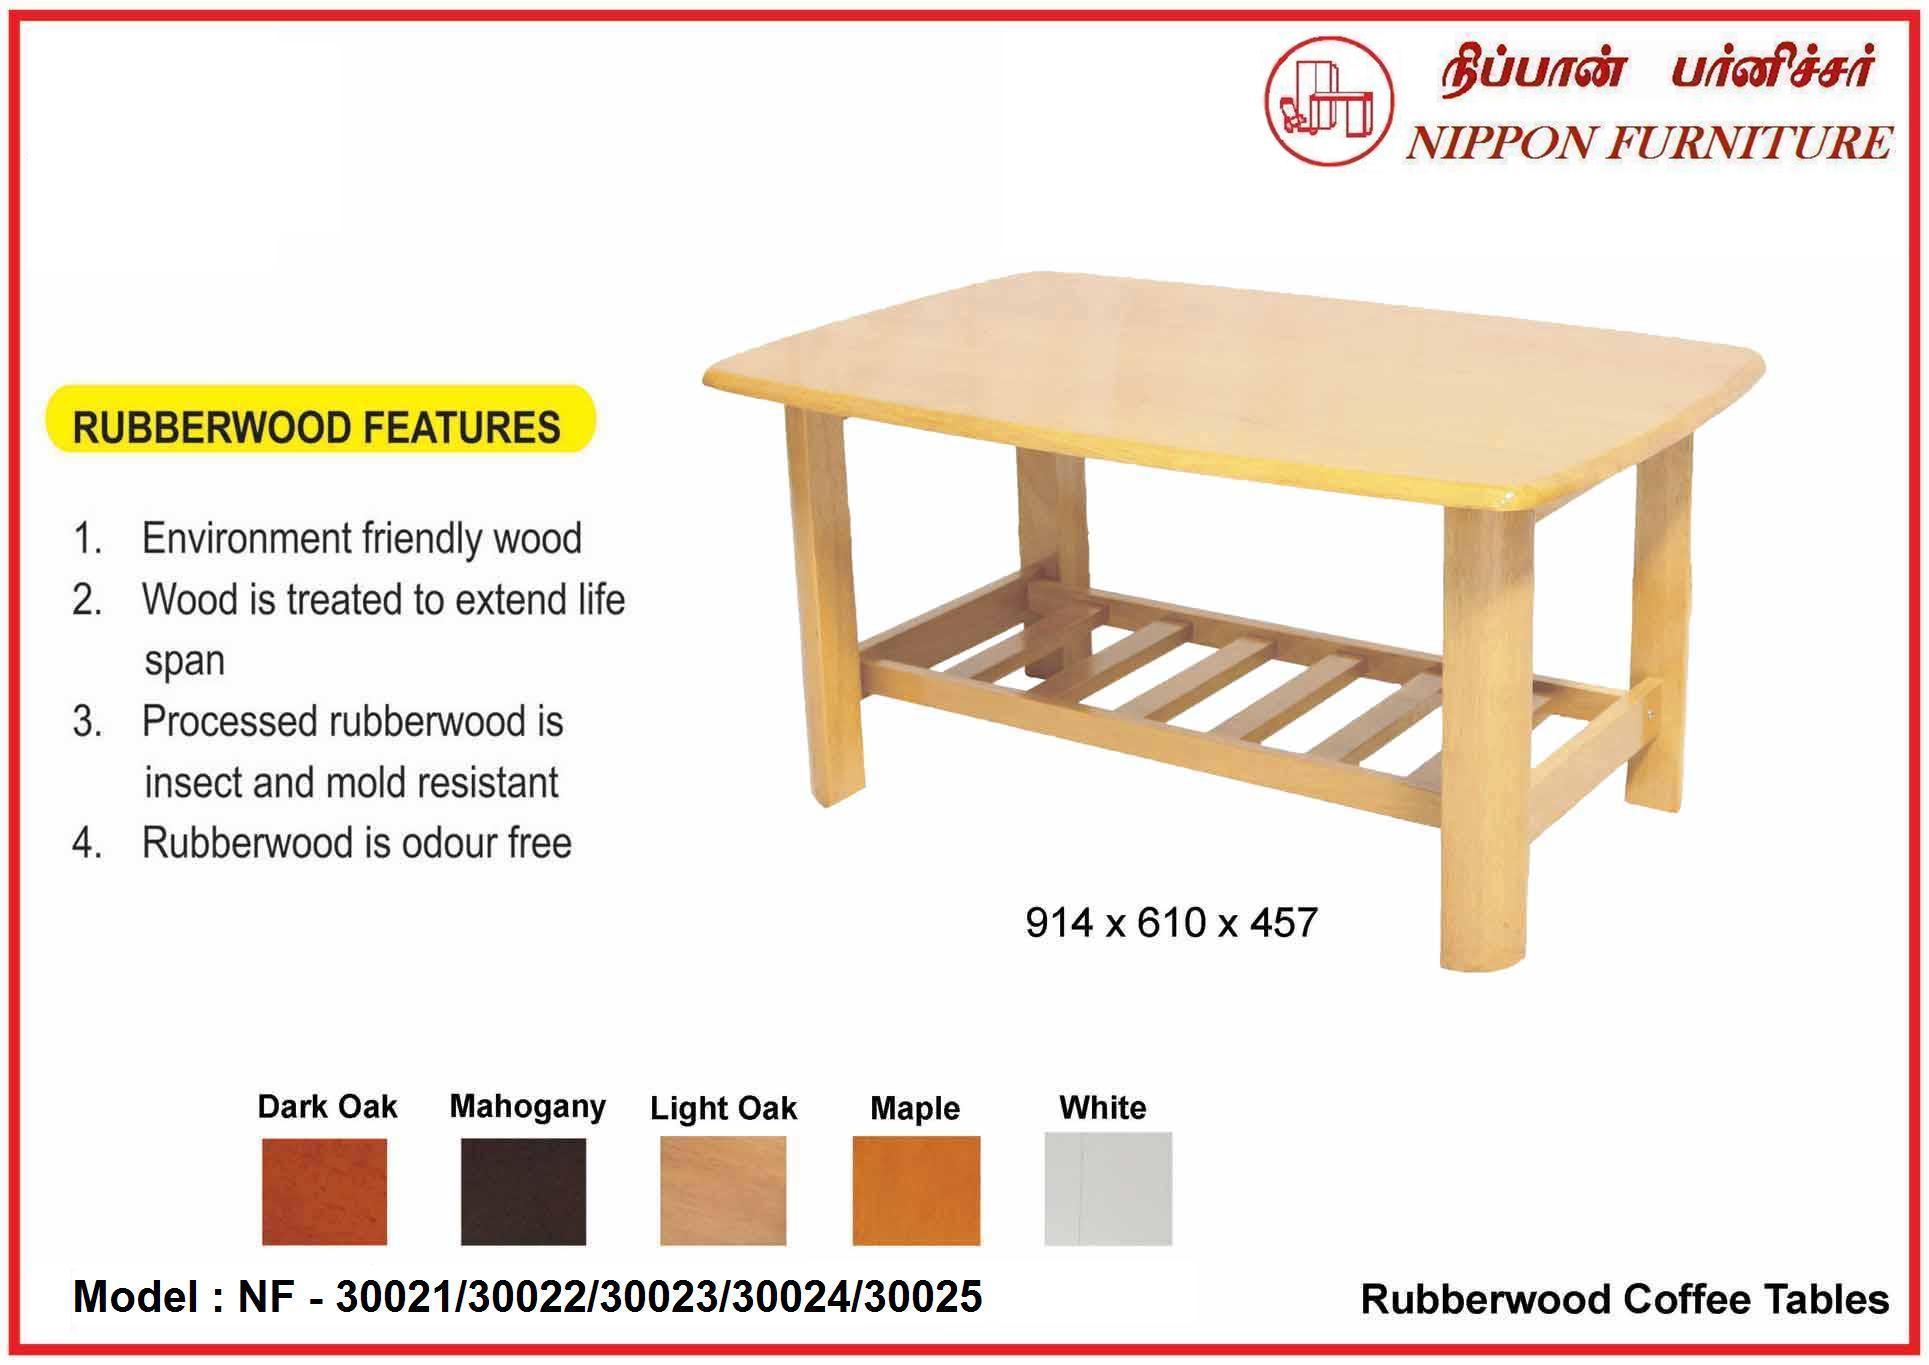 Rubberwood Coffee Table.Nippon Furniture